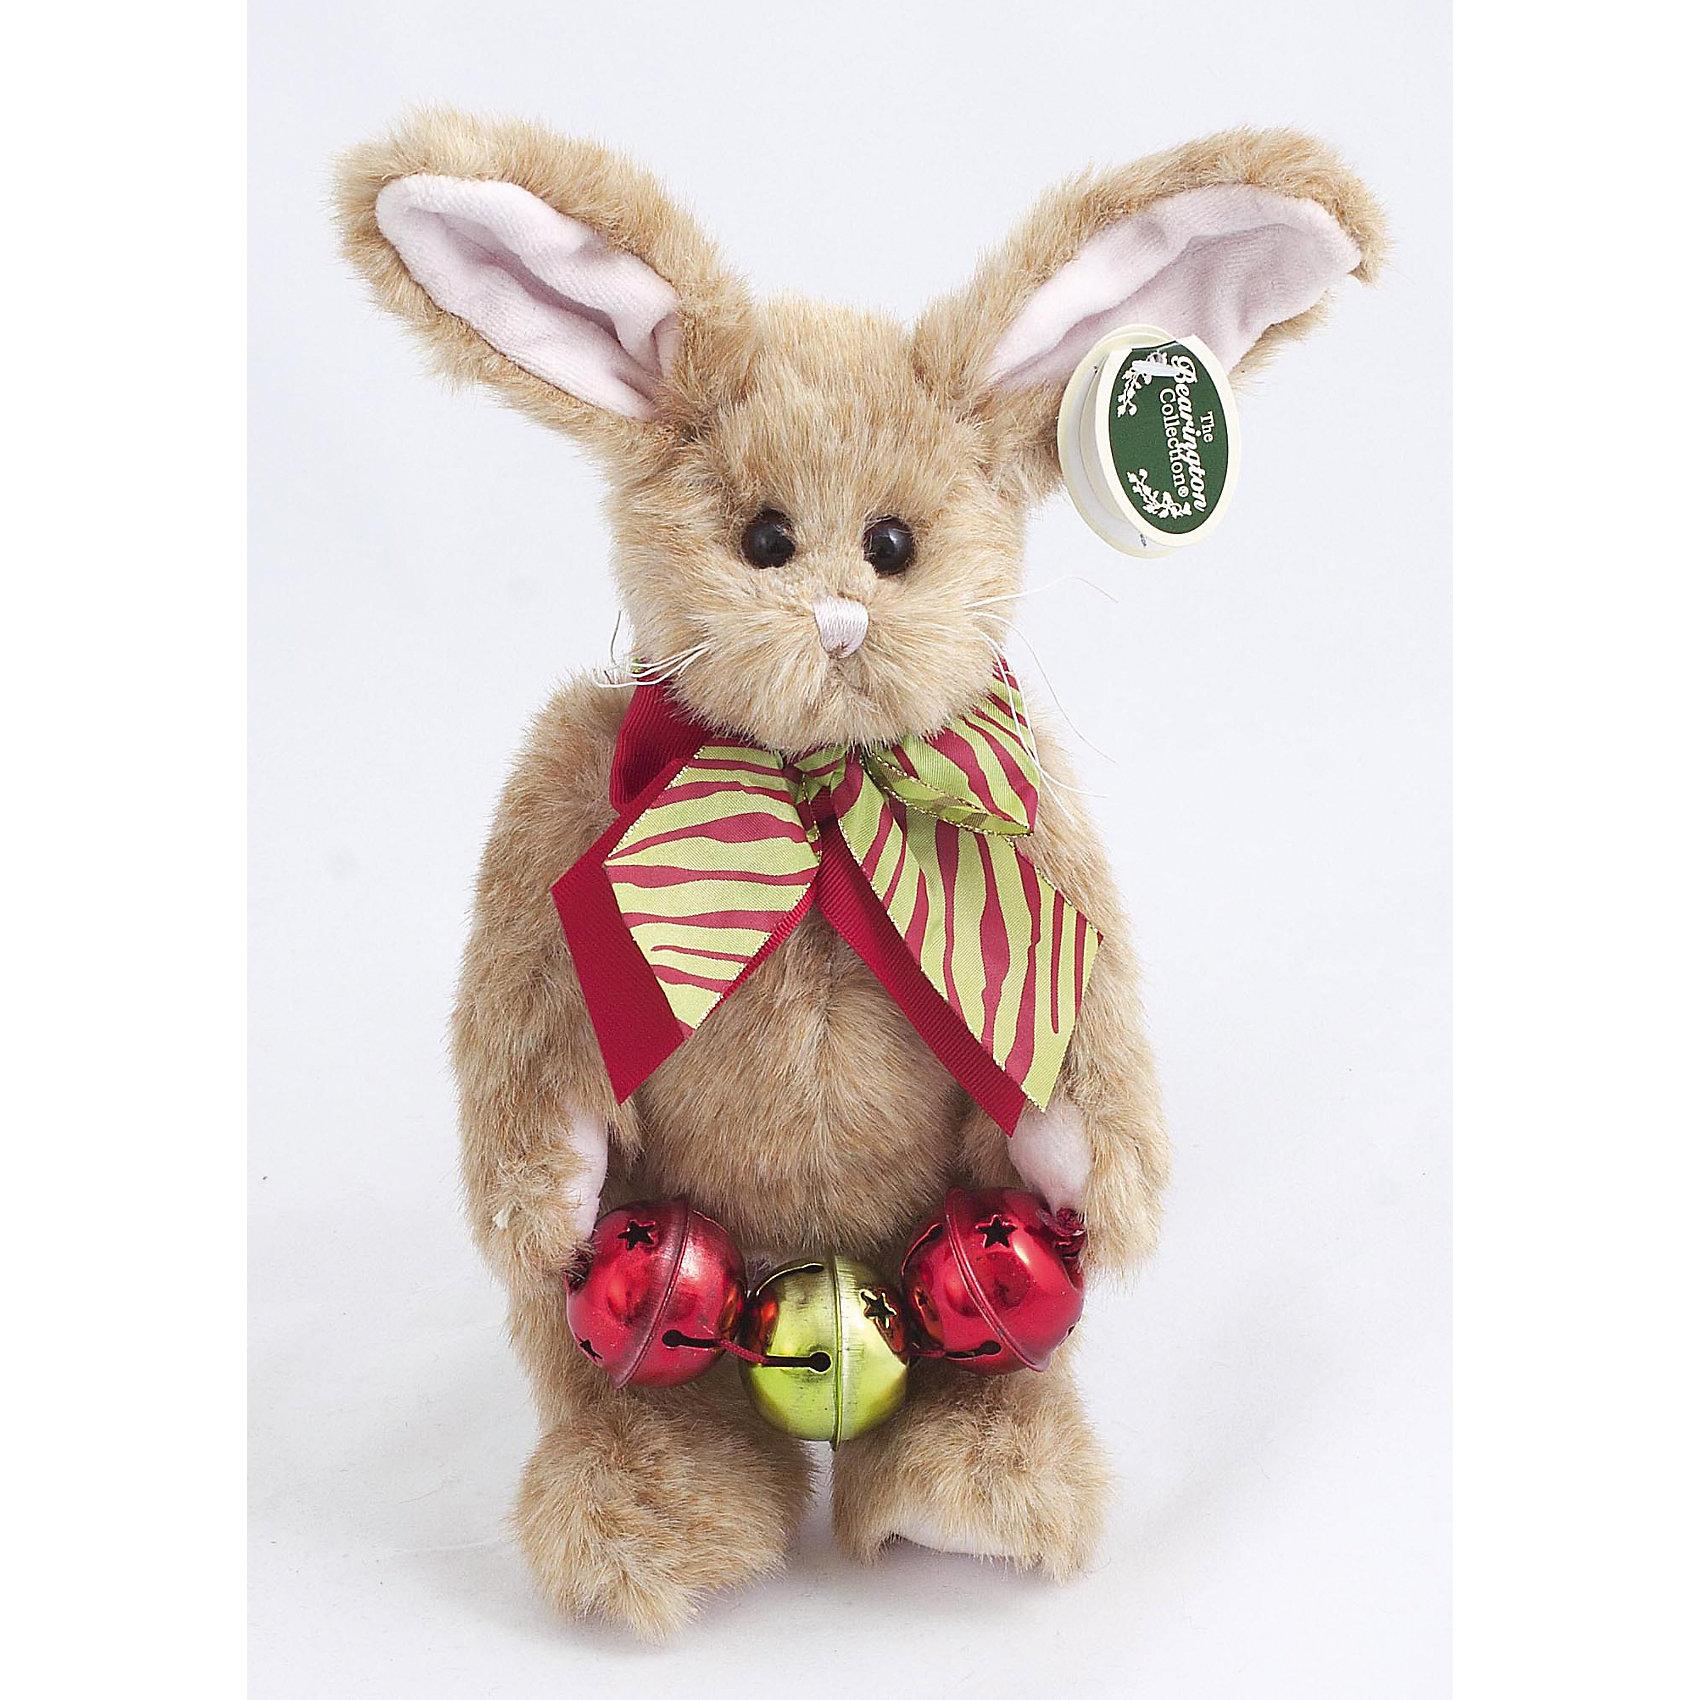 Зайка, 25 см, BearingtonЗайка, 25 см, Bearington (Берингтон).<br><br>Характеристики:<br><br>- Высота игрушки: 25 см.<br>- Материал: искусственный мех, текстиль, набивка - полиэфирное волокно<br><br>Симпатичная Зайка с ярким разноцветным бантом на шее от американской компании Bearington (Берингтон) покорит Вас обаянием и красотой. Игрушка непременно вызовет положительные эмоции и подарит Вам свою любовь и тепло. Зайка изготовлена из нежного высококачественного искусственного меха. Она держит в лапах гирлянду, которая, если потрясти зайку, издает звон. У зайки очаровательная мордочка с длинными усиками и красивые длинные ушки, внутри которых вшит проволочный каркас, так что ушки можно загибать и разгибать. Зайка выполнена в лучших традициях классических мишек Тедди - ее лапки крепятся таким образом, что их можно вращать по отношению к туловищу на 360 градусов, и придавать игрушке игрушке разнообразные позы. Играть с зайкой от Беарингтон также интересно, как и с куклами. Благодаря чудесному образу и высококачественному исполнению зайка станет лучшим подарком для девочек и девушек с утонченным изысканным вкусом и для ценителей коллекционных игрушек.<br><br>Зайку, 25 см, Bearington (Берингтон) можно купить в нашем интернет-магазине.<br><br>Ширина мм: 9999<br>Глубина мм: 9999<br>Высота мм: 9999<br>Вес г: 160<br>Возраст от месяцев: 36<br>Возраст до месяцев: 2147483647<br>Пол: Унисекс<br>Возраст: Детский<br>SKU: 5119973